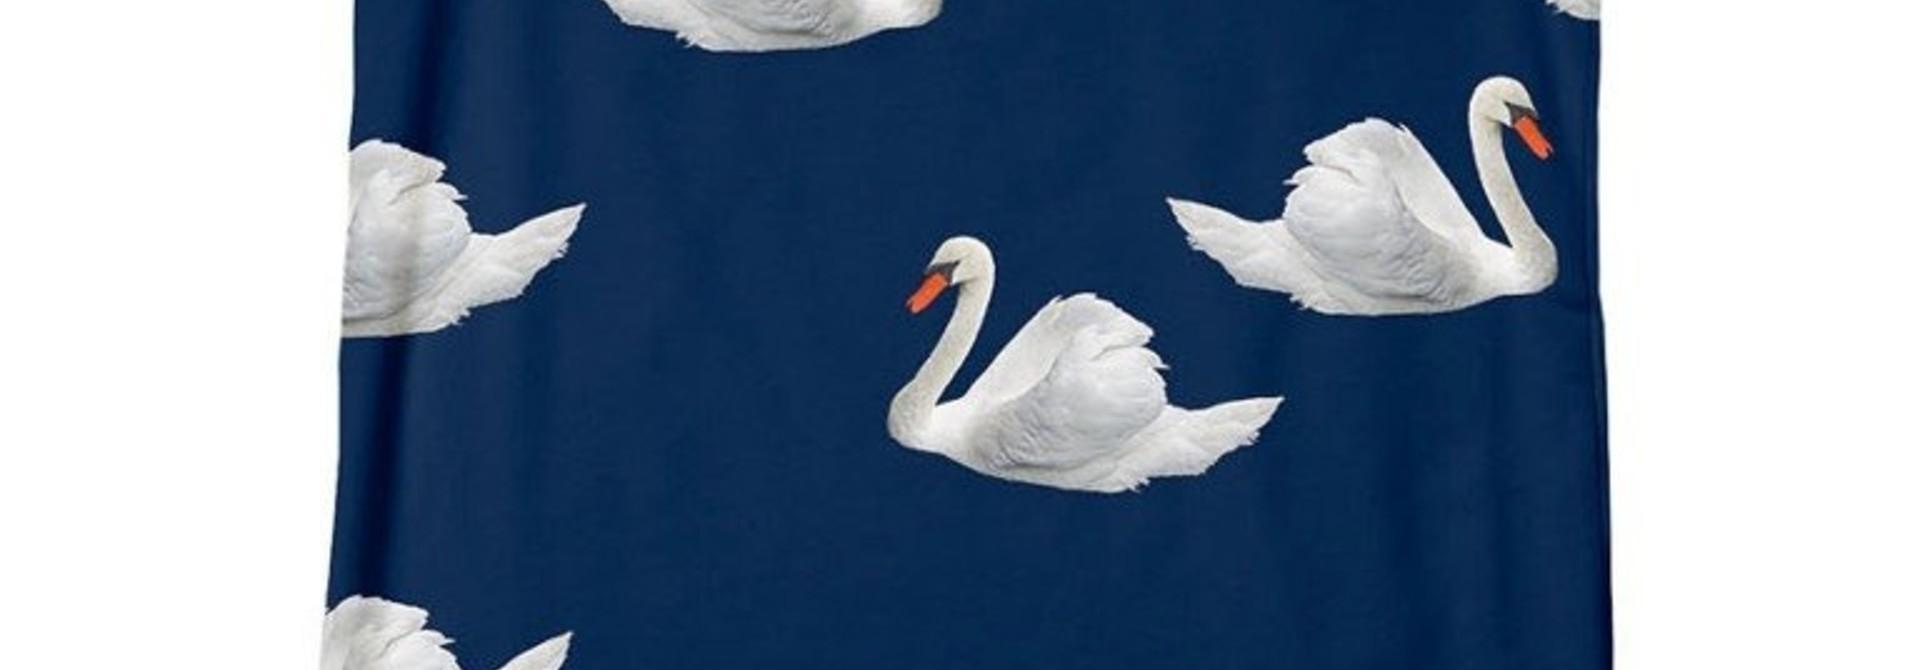 Tank - Cotton -Swan - Lge